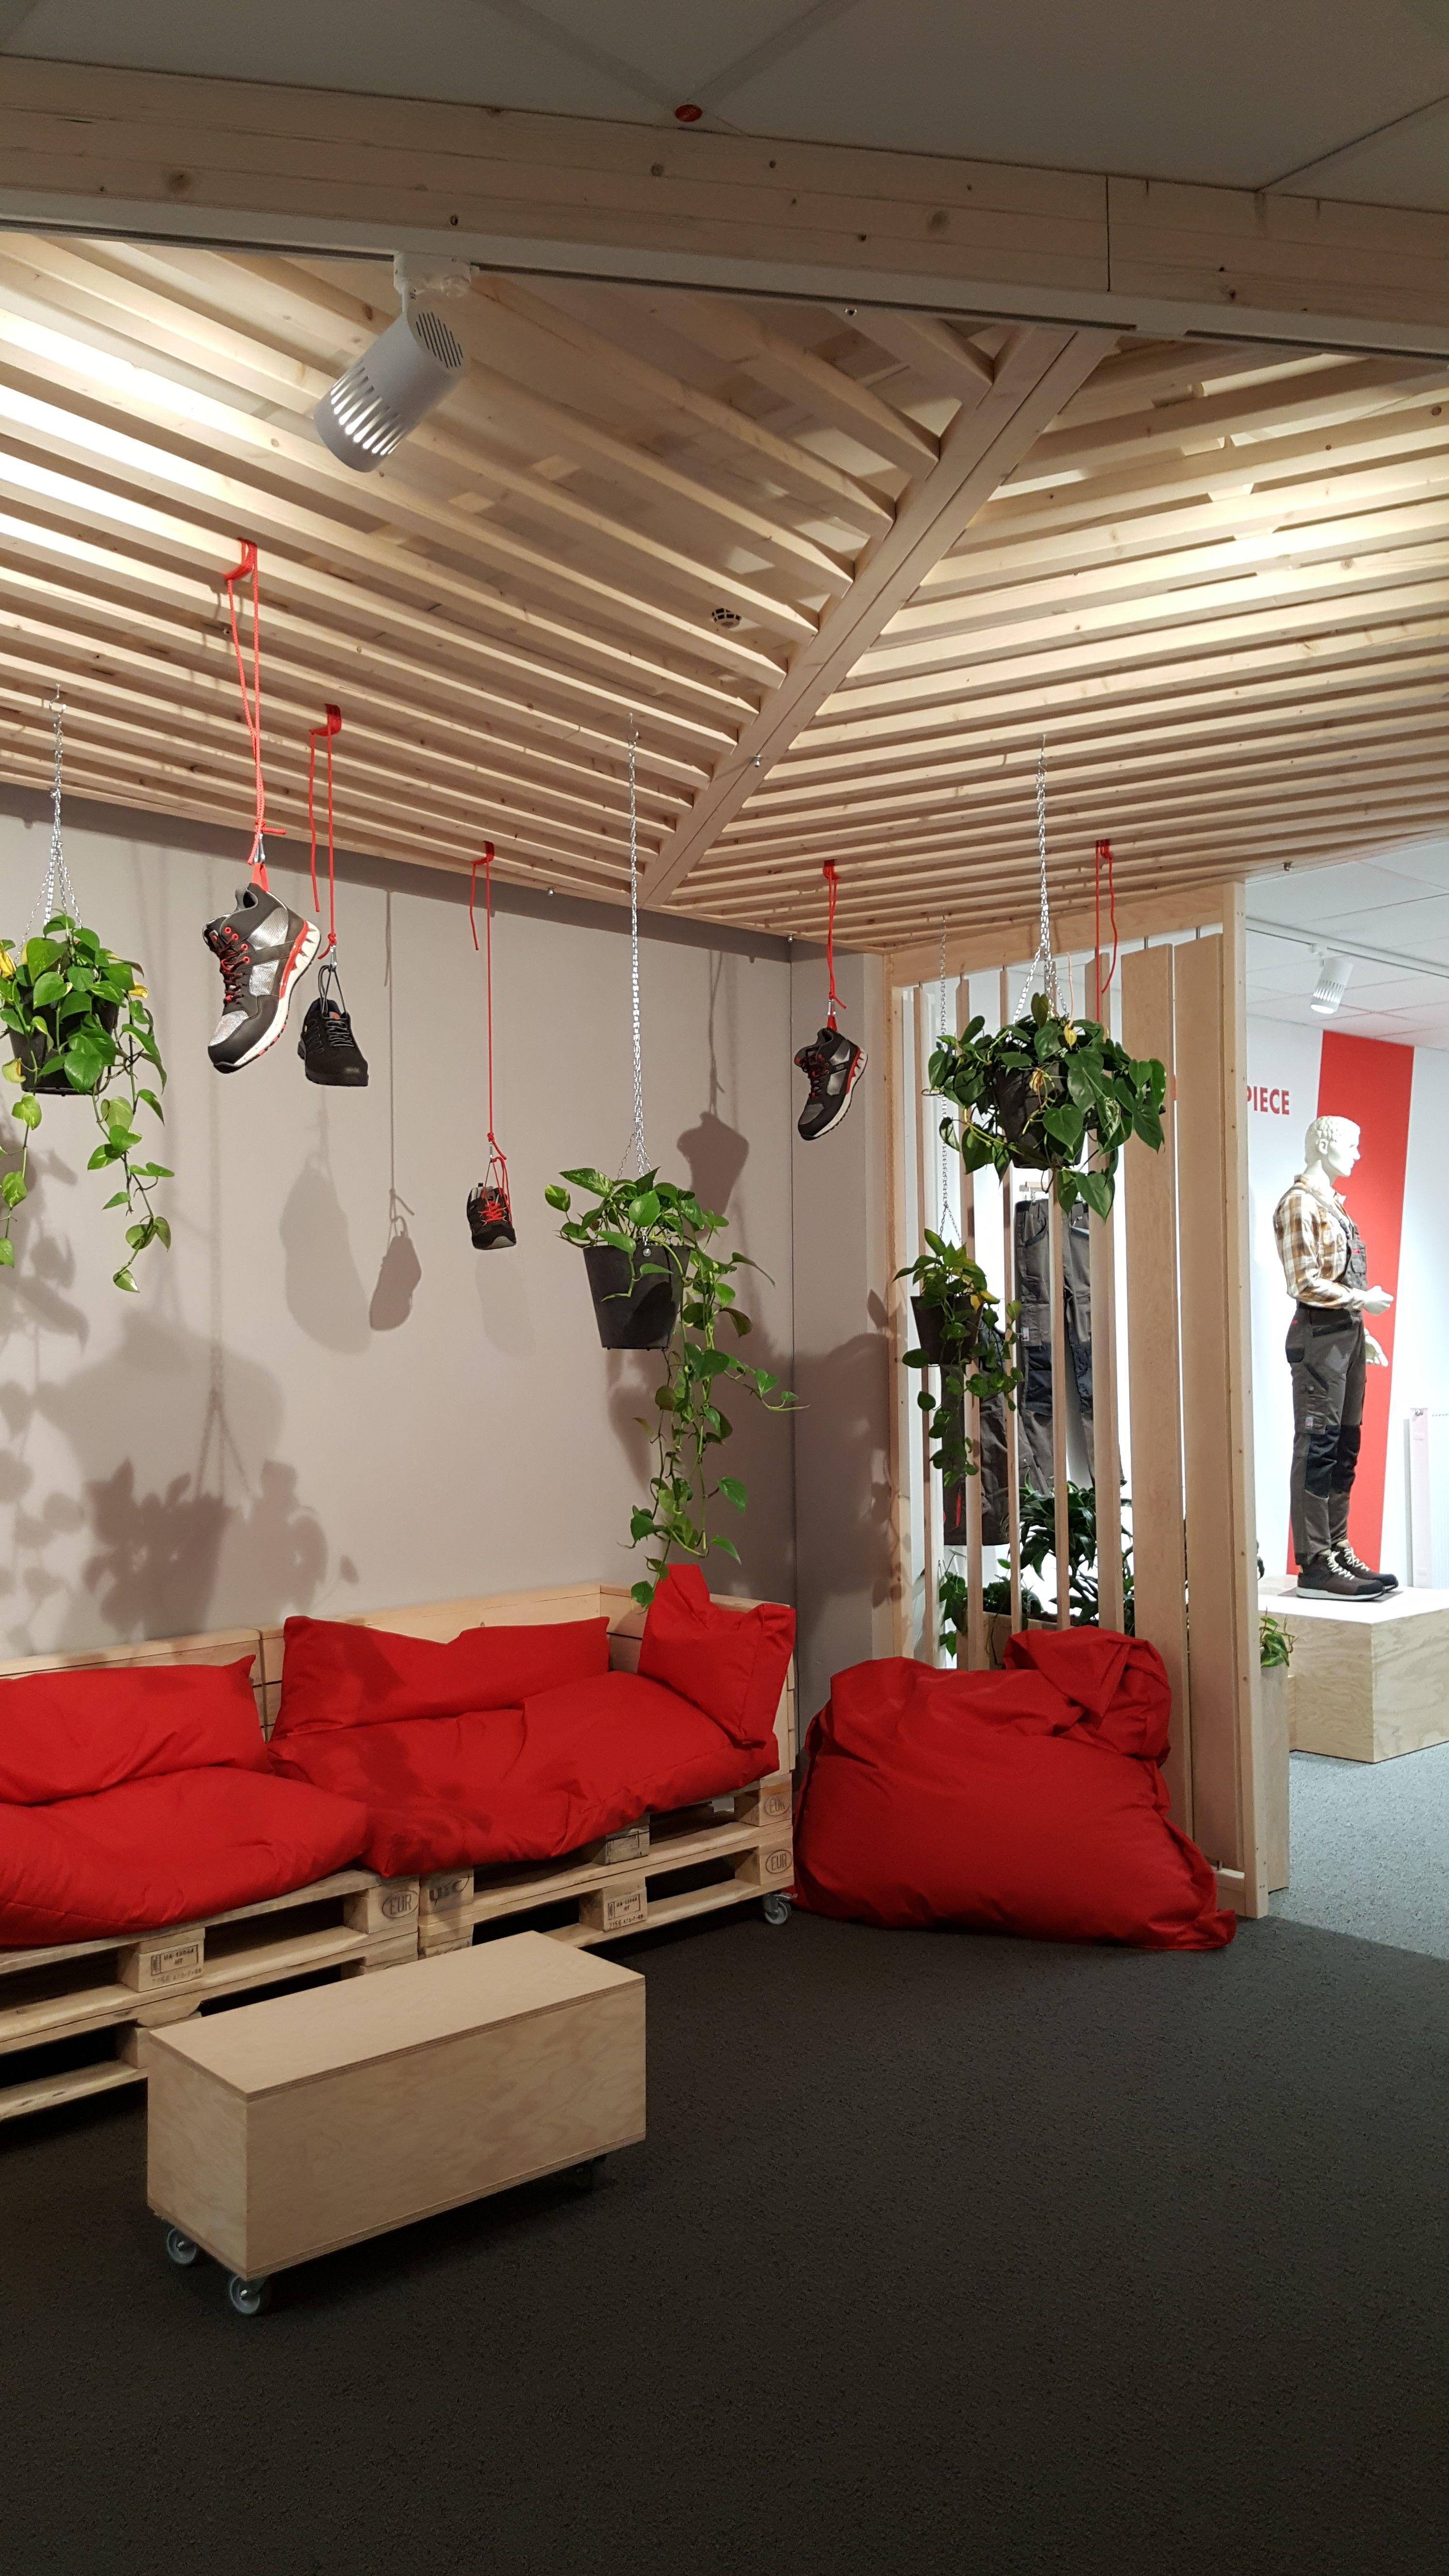 innenarchitektur innenausbau flurzone w rth modyf gaisbach sitznischen mit mobilen. Black Bedroom Furniture Sets. Home Design Ideas